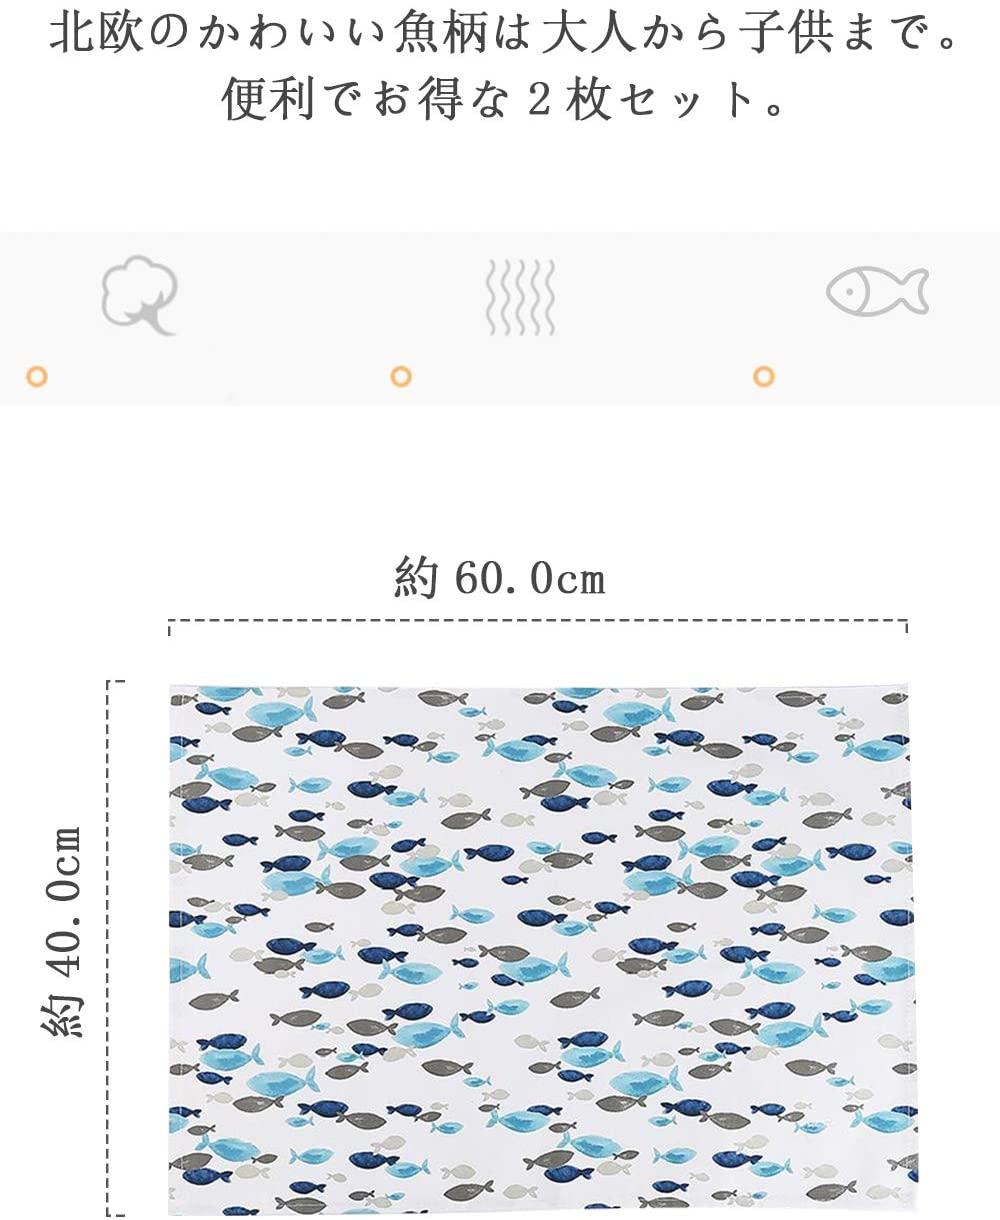 careme(カレメ)ランチョンマット プレイスマット2枚入 40×60cm 北欧風 魚柄の商品画像7